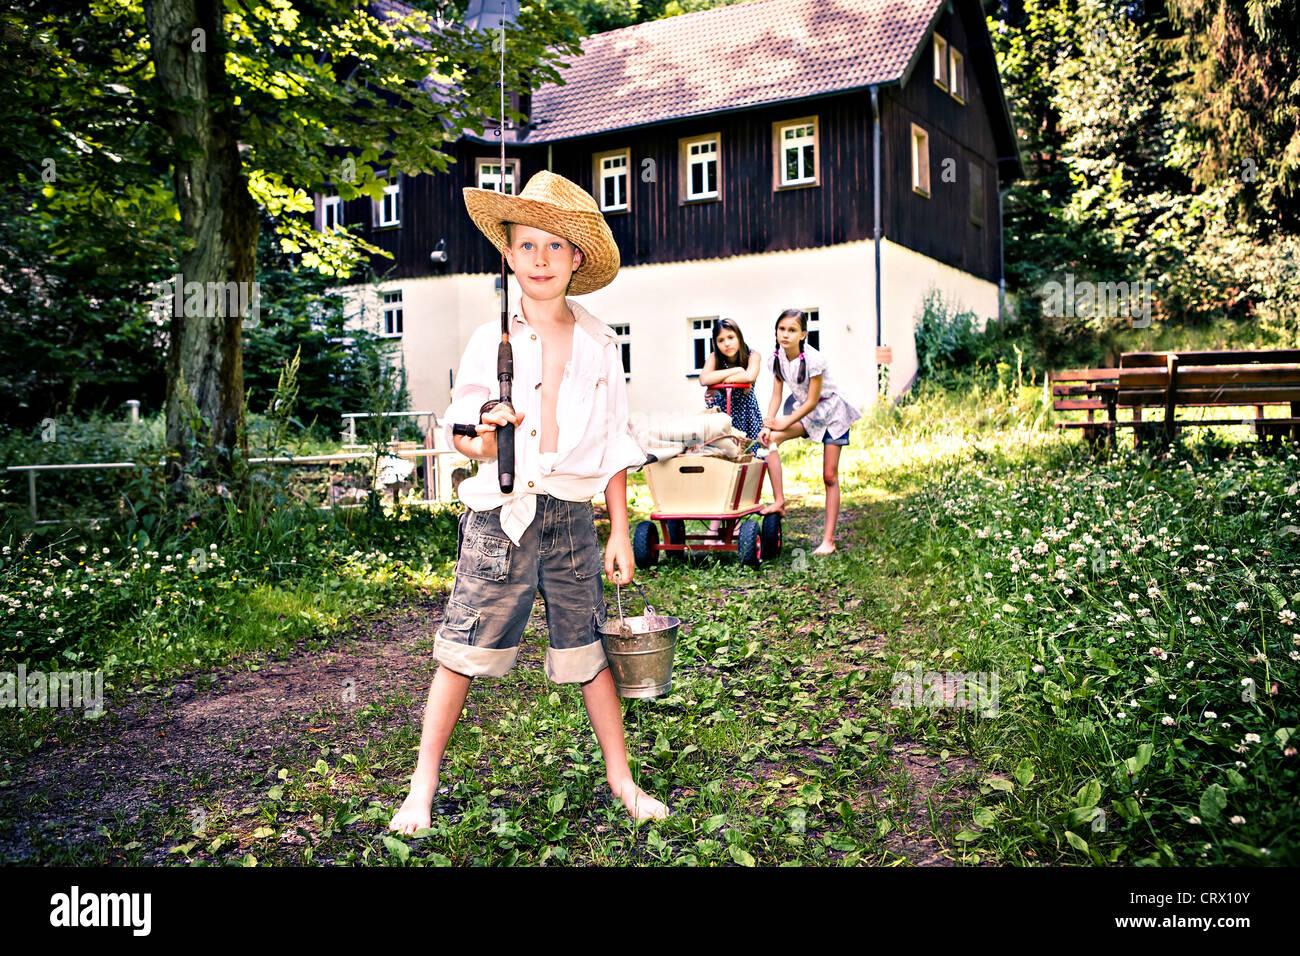 Outdoor ritratto di un giovane ragazzo di pesca e due ragazze Immagini Stock